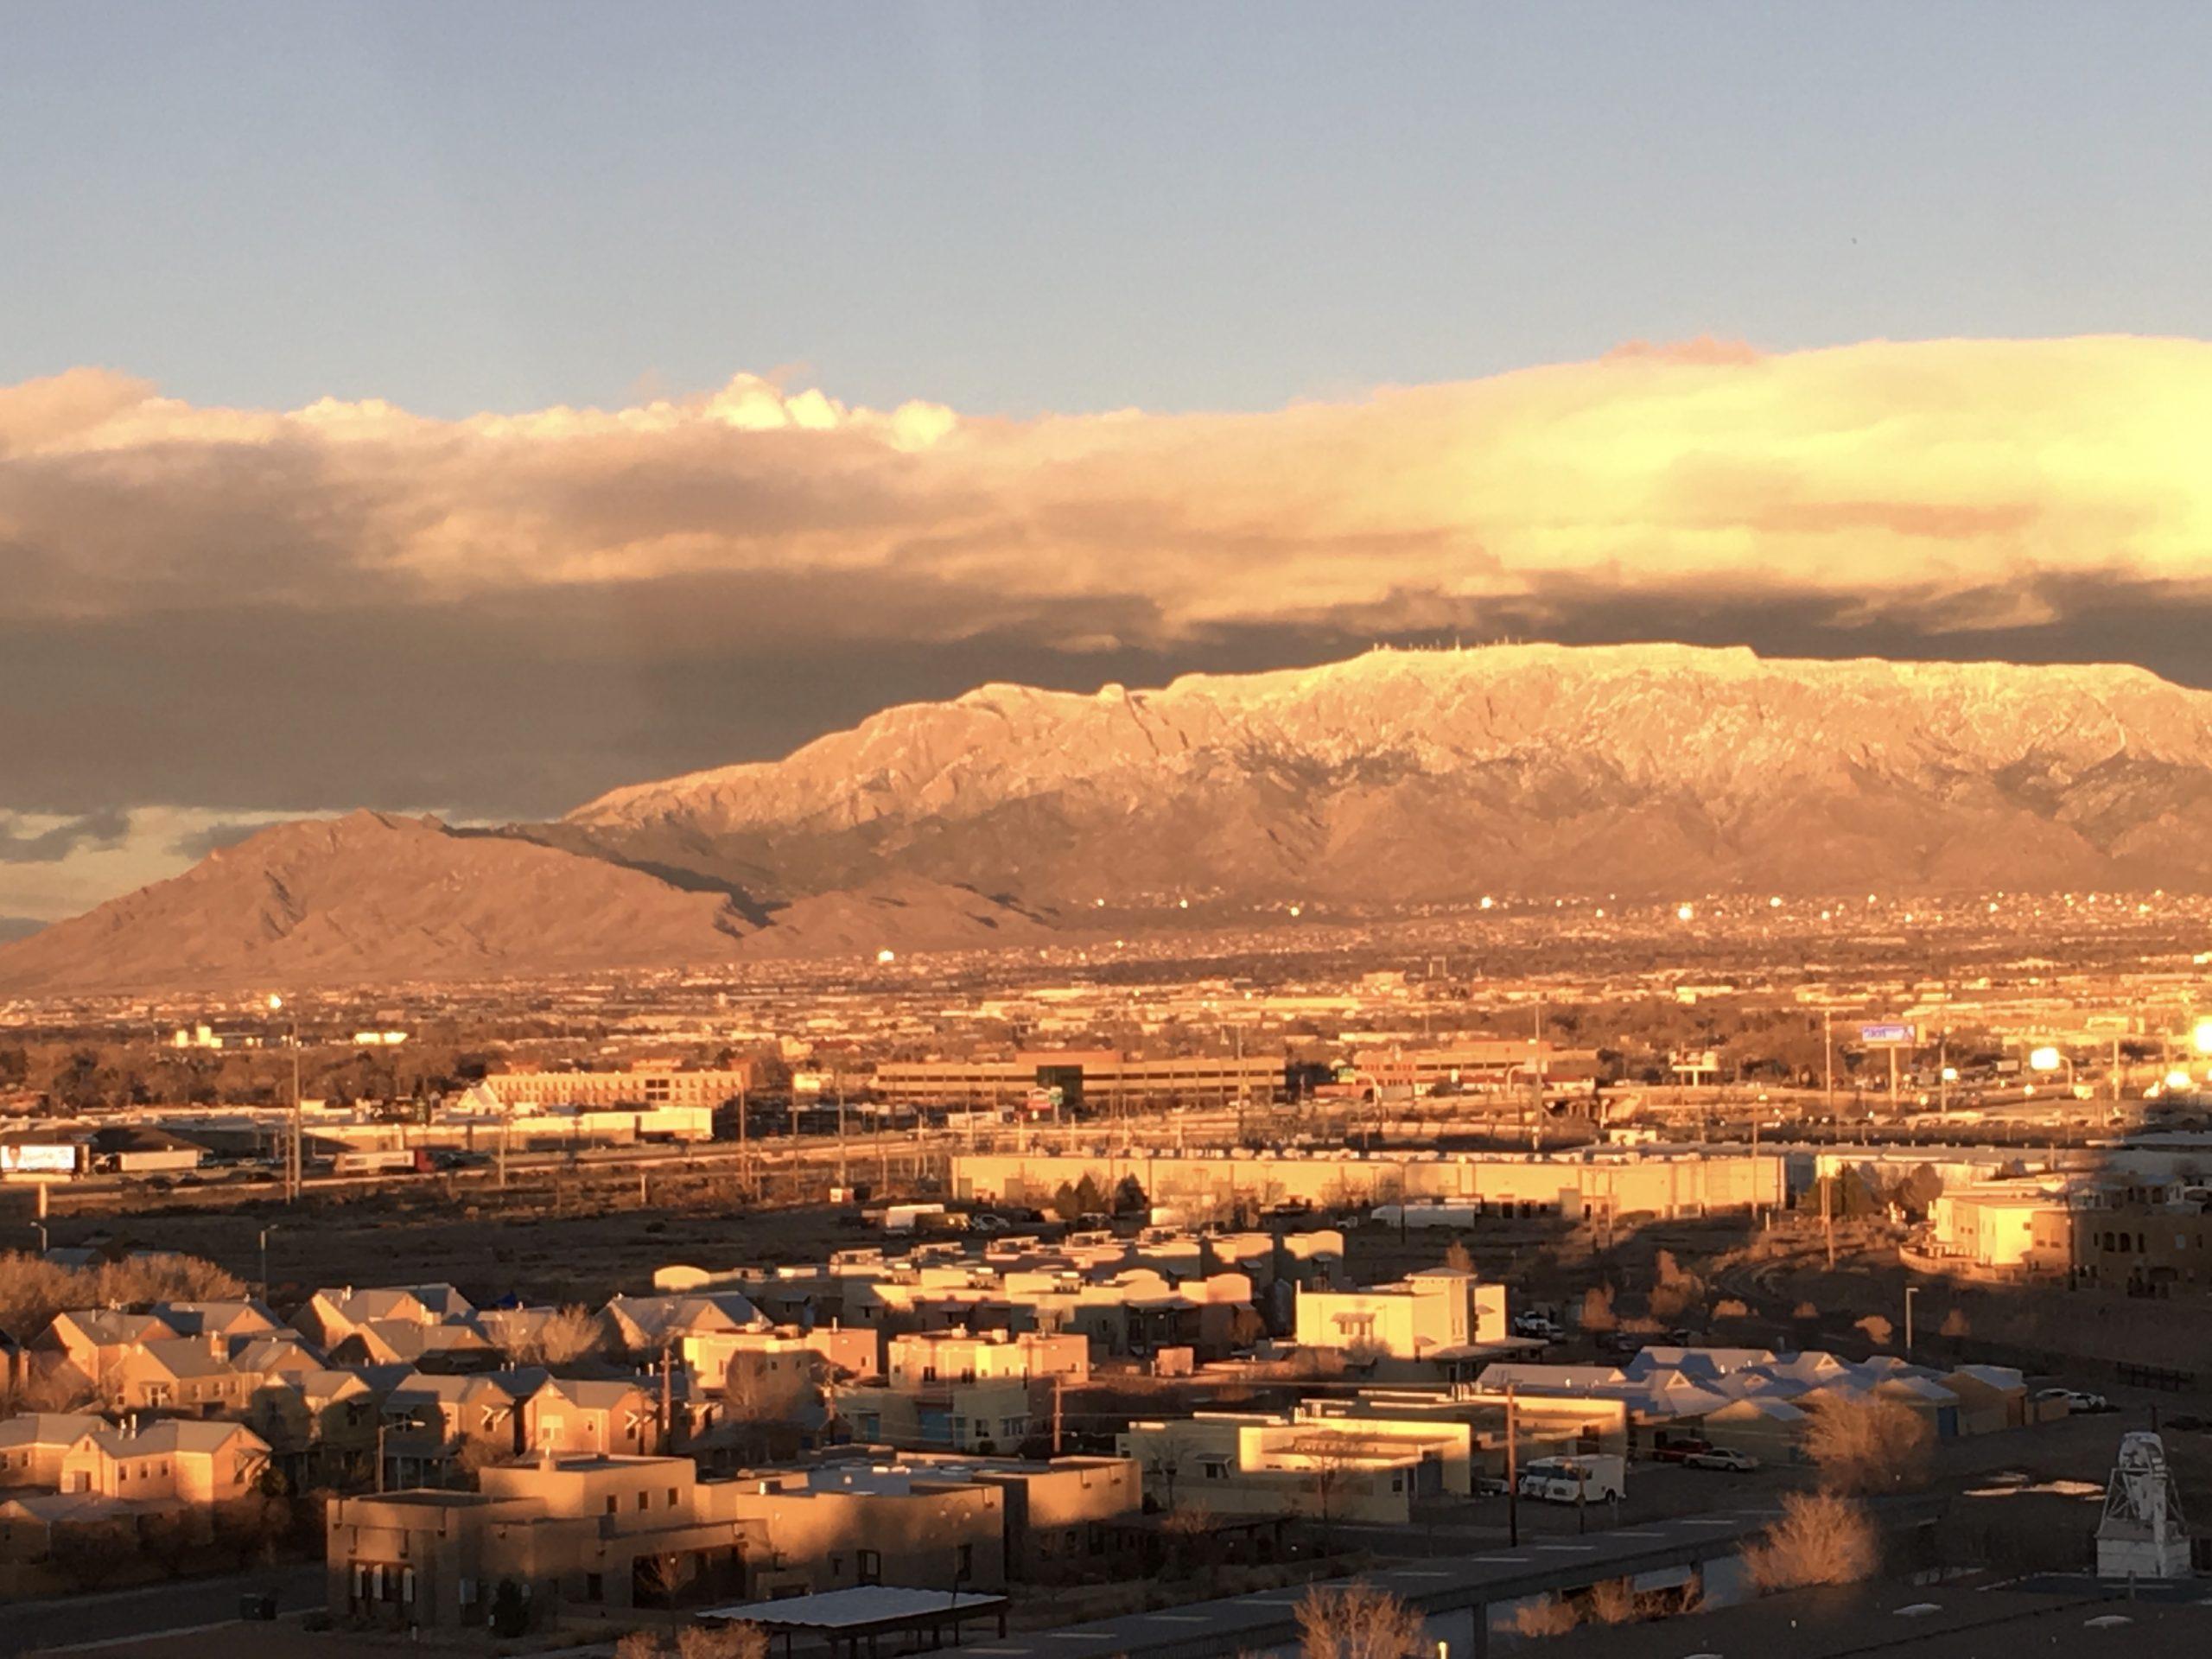 Albuquerque at sunrise